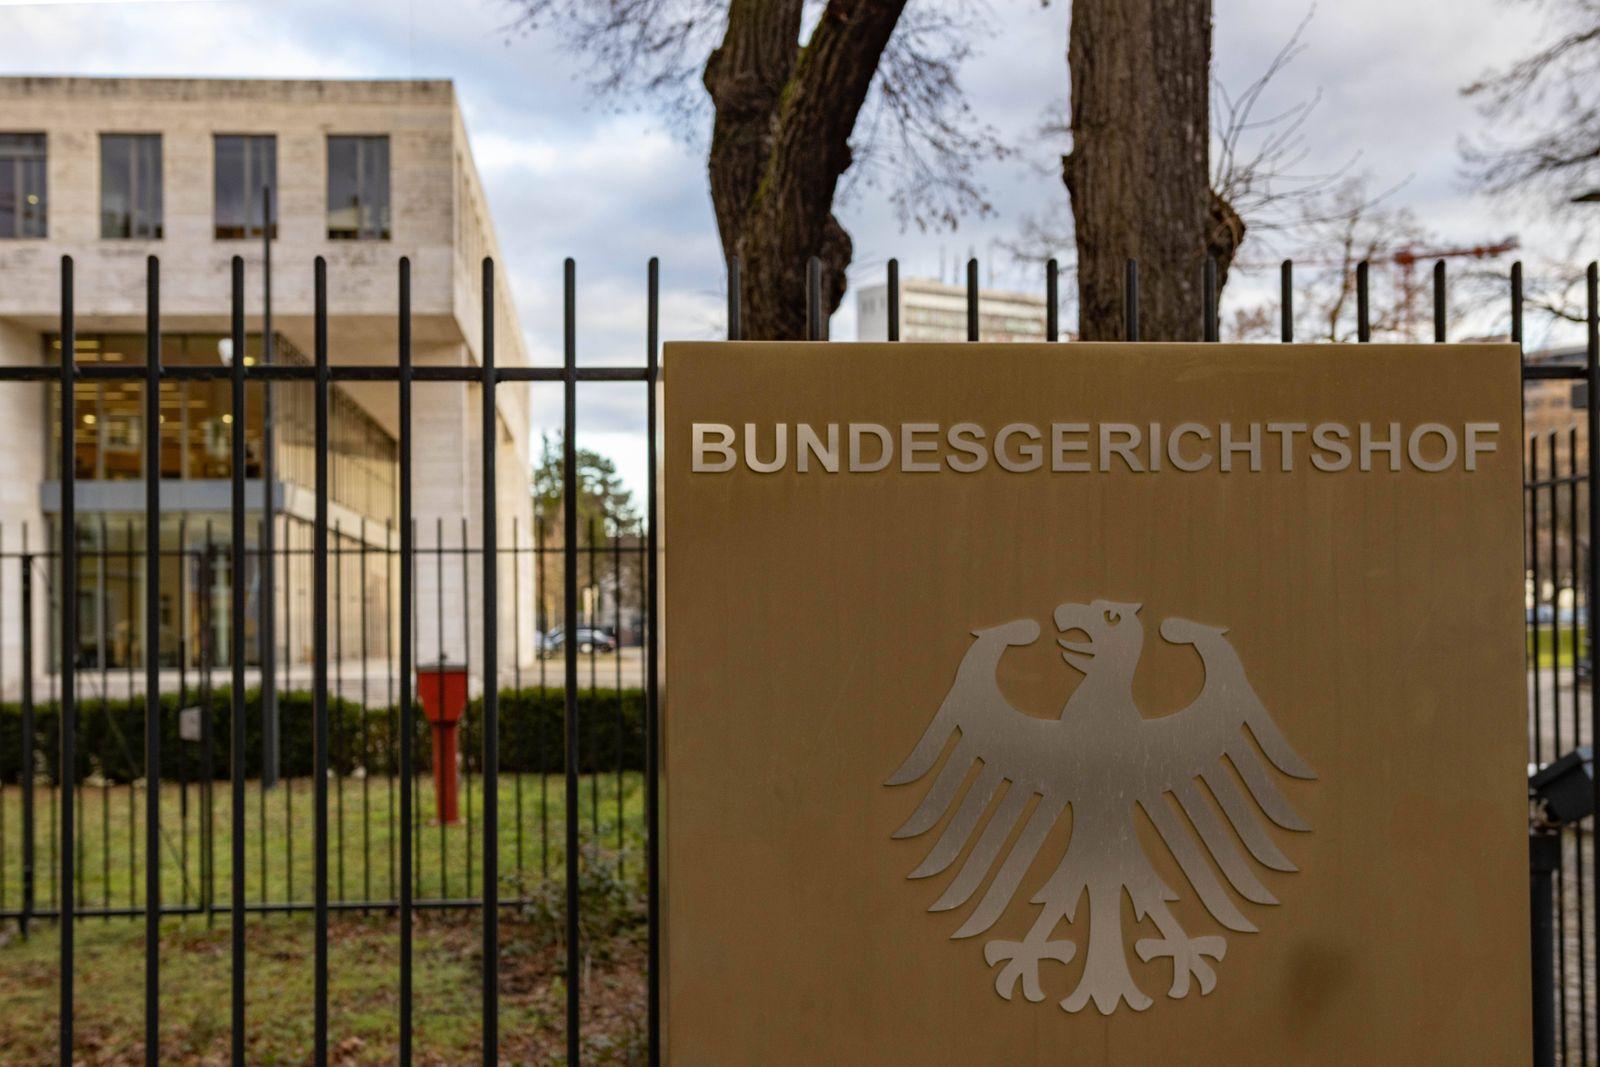 Bundesgerichtshof Bundesgerichtshof Karlsruhe *** Federal Court of Justice Federal Court of Justice Karlsruhe